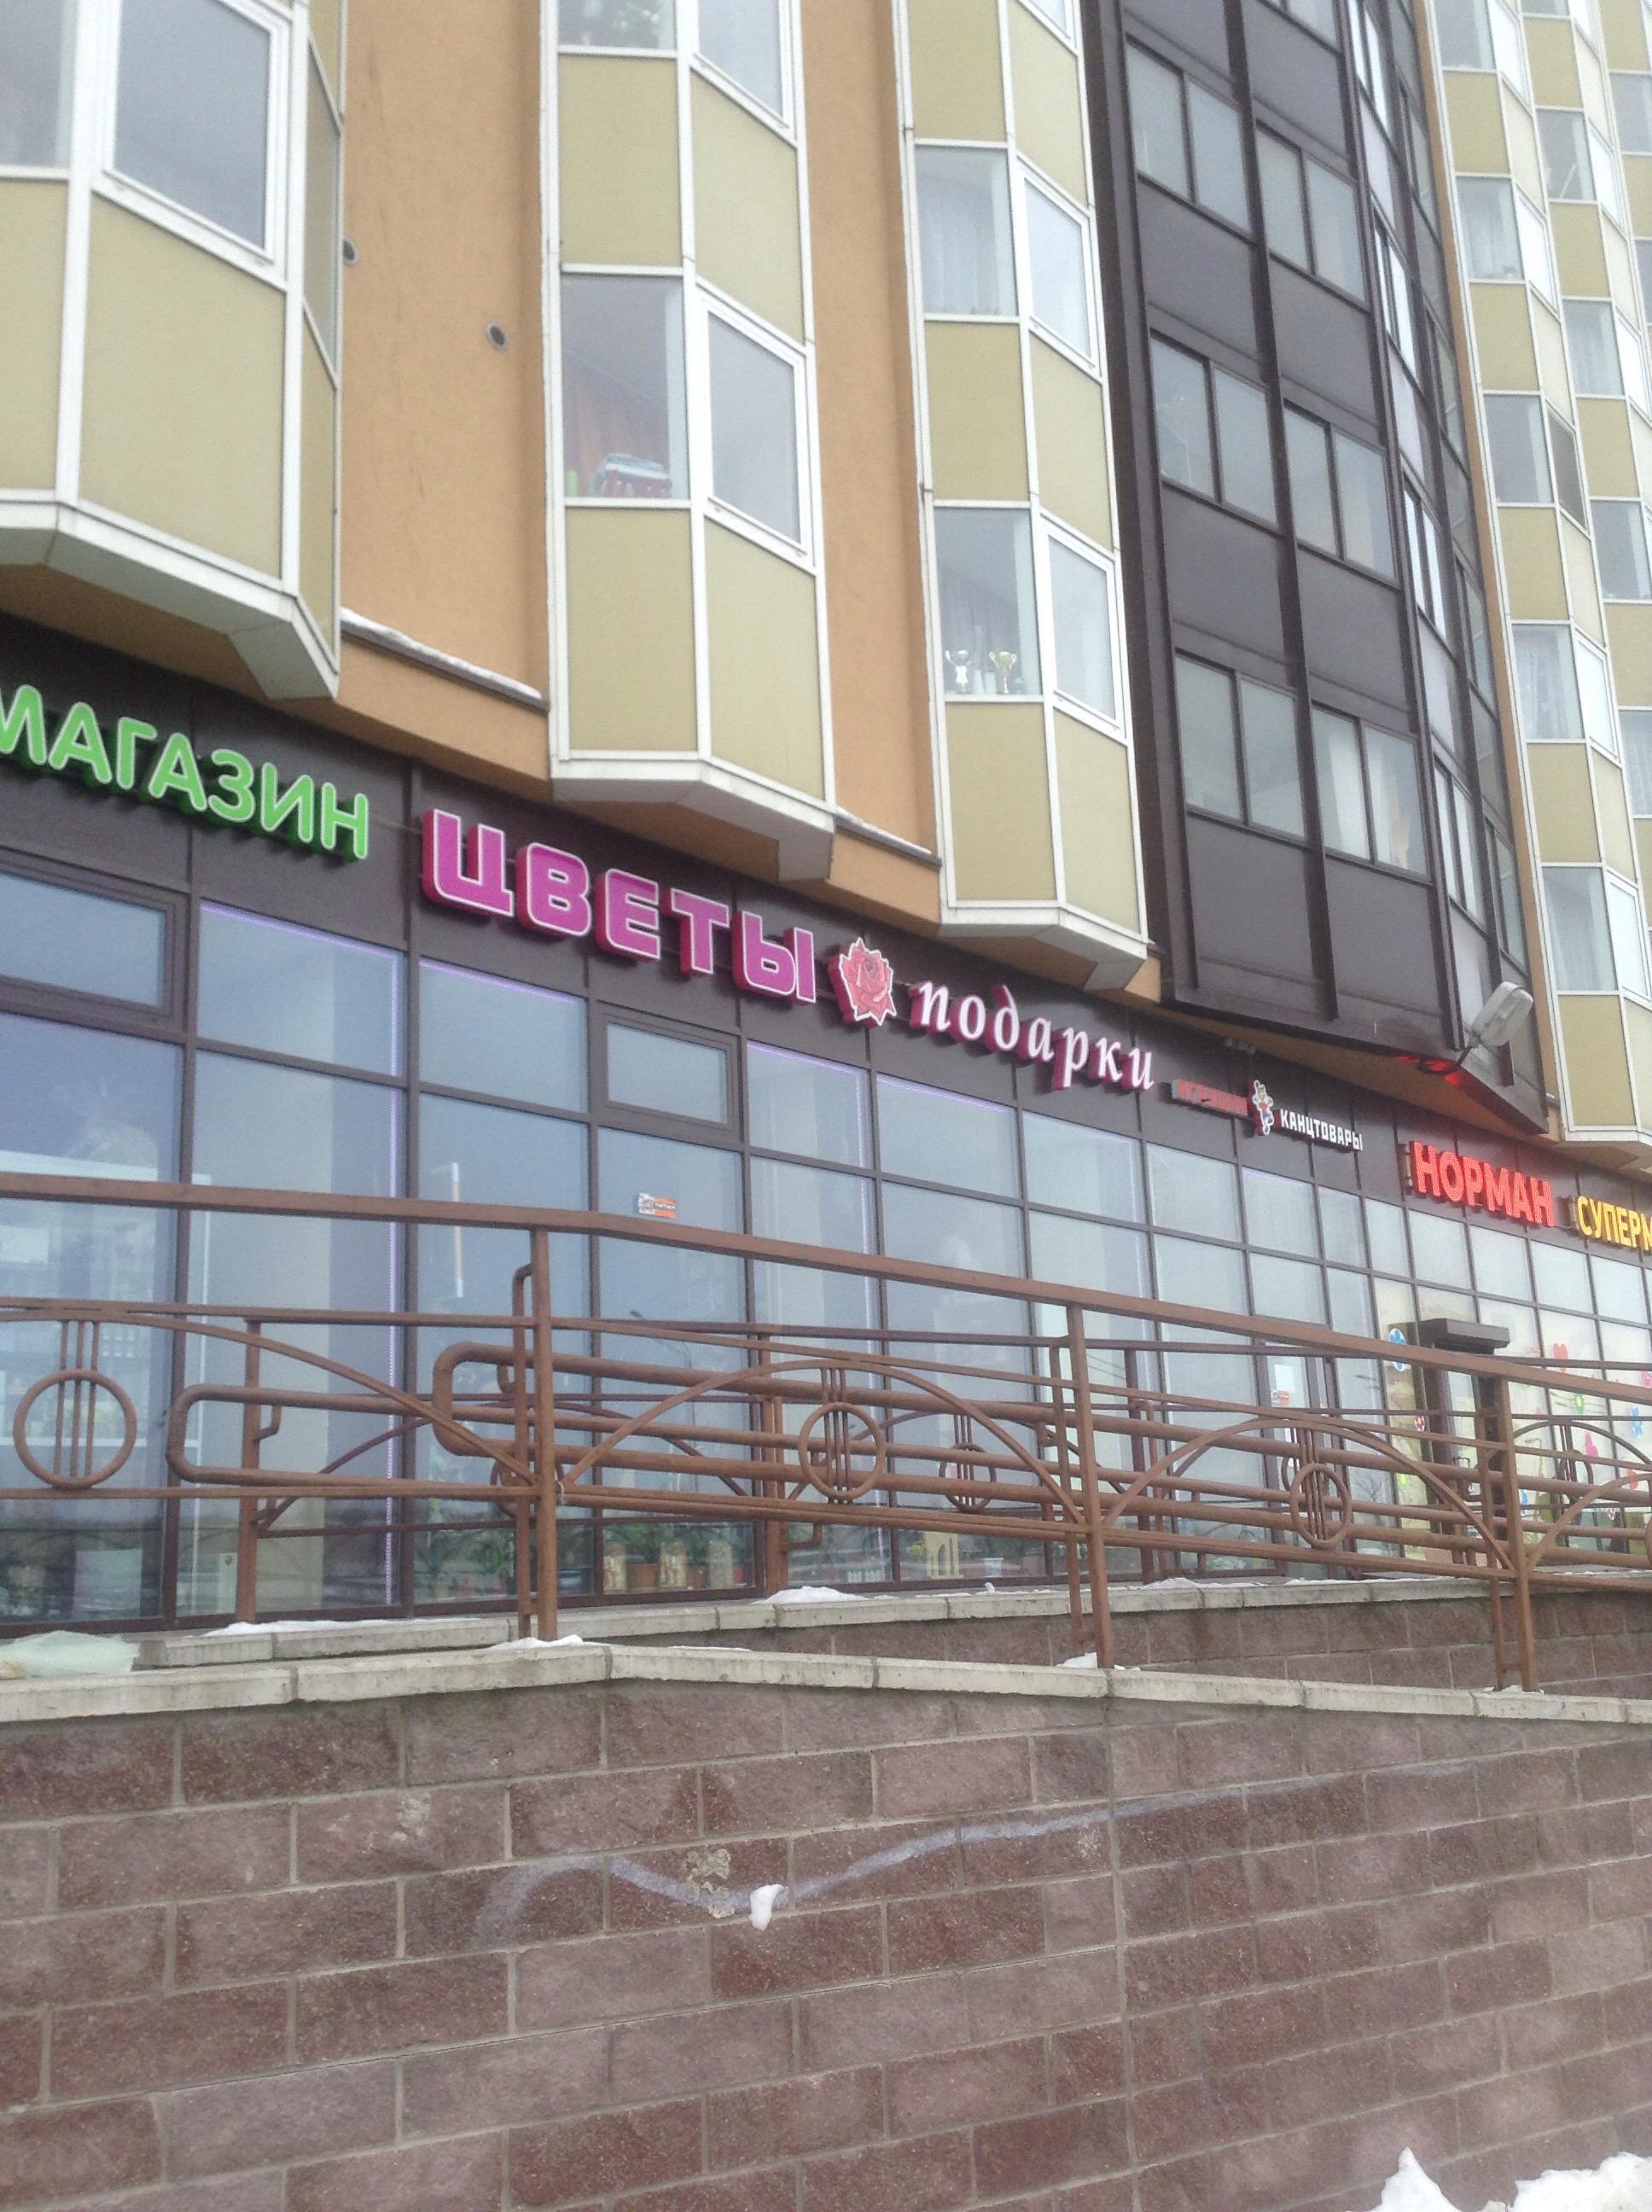 323852782aa29 Цветы-подарки - магазин цветов, Санкт-Петербург — отзывы и фото —  Яндекс.Карты